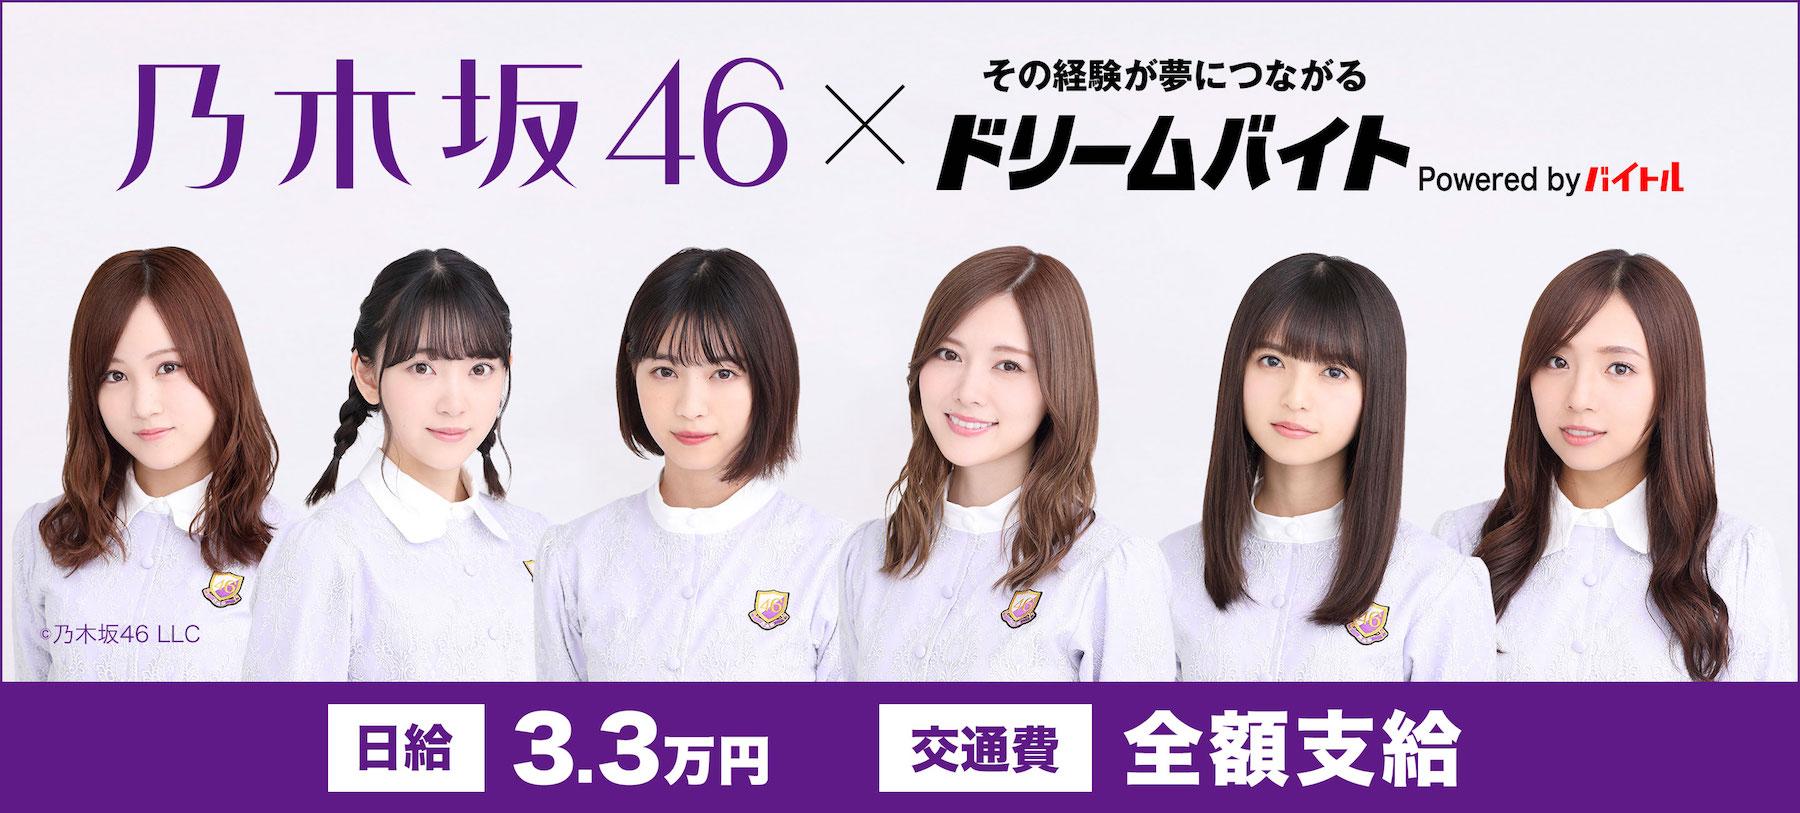 バイトル×乃木坂46「ドリームバイト」(2018年6月)